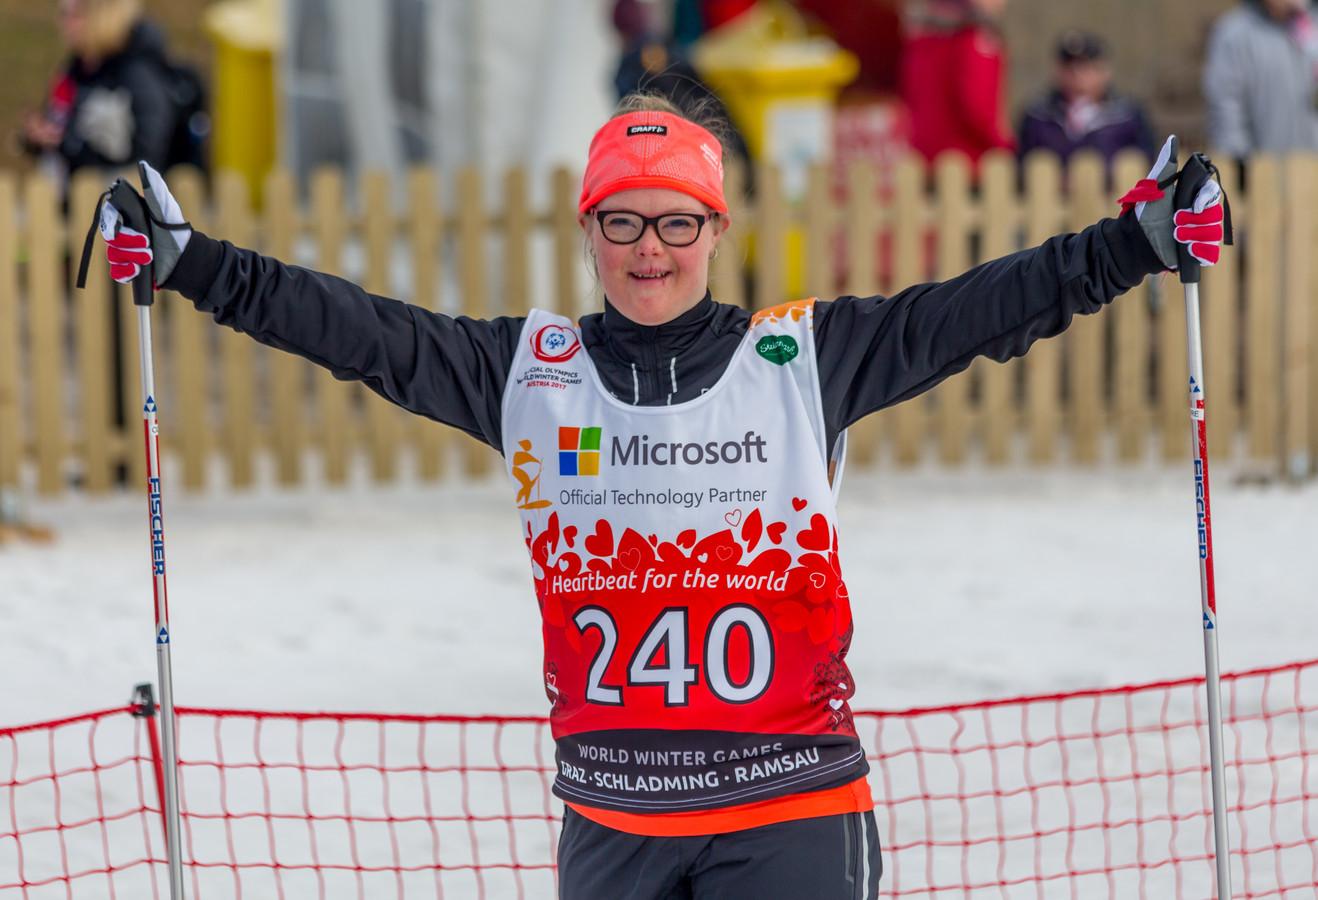 Blijdschap bij de World Winter Games 2017 in Oostenrijk.